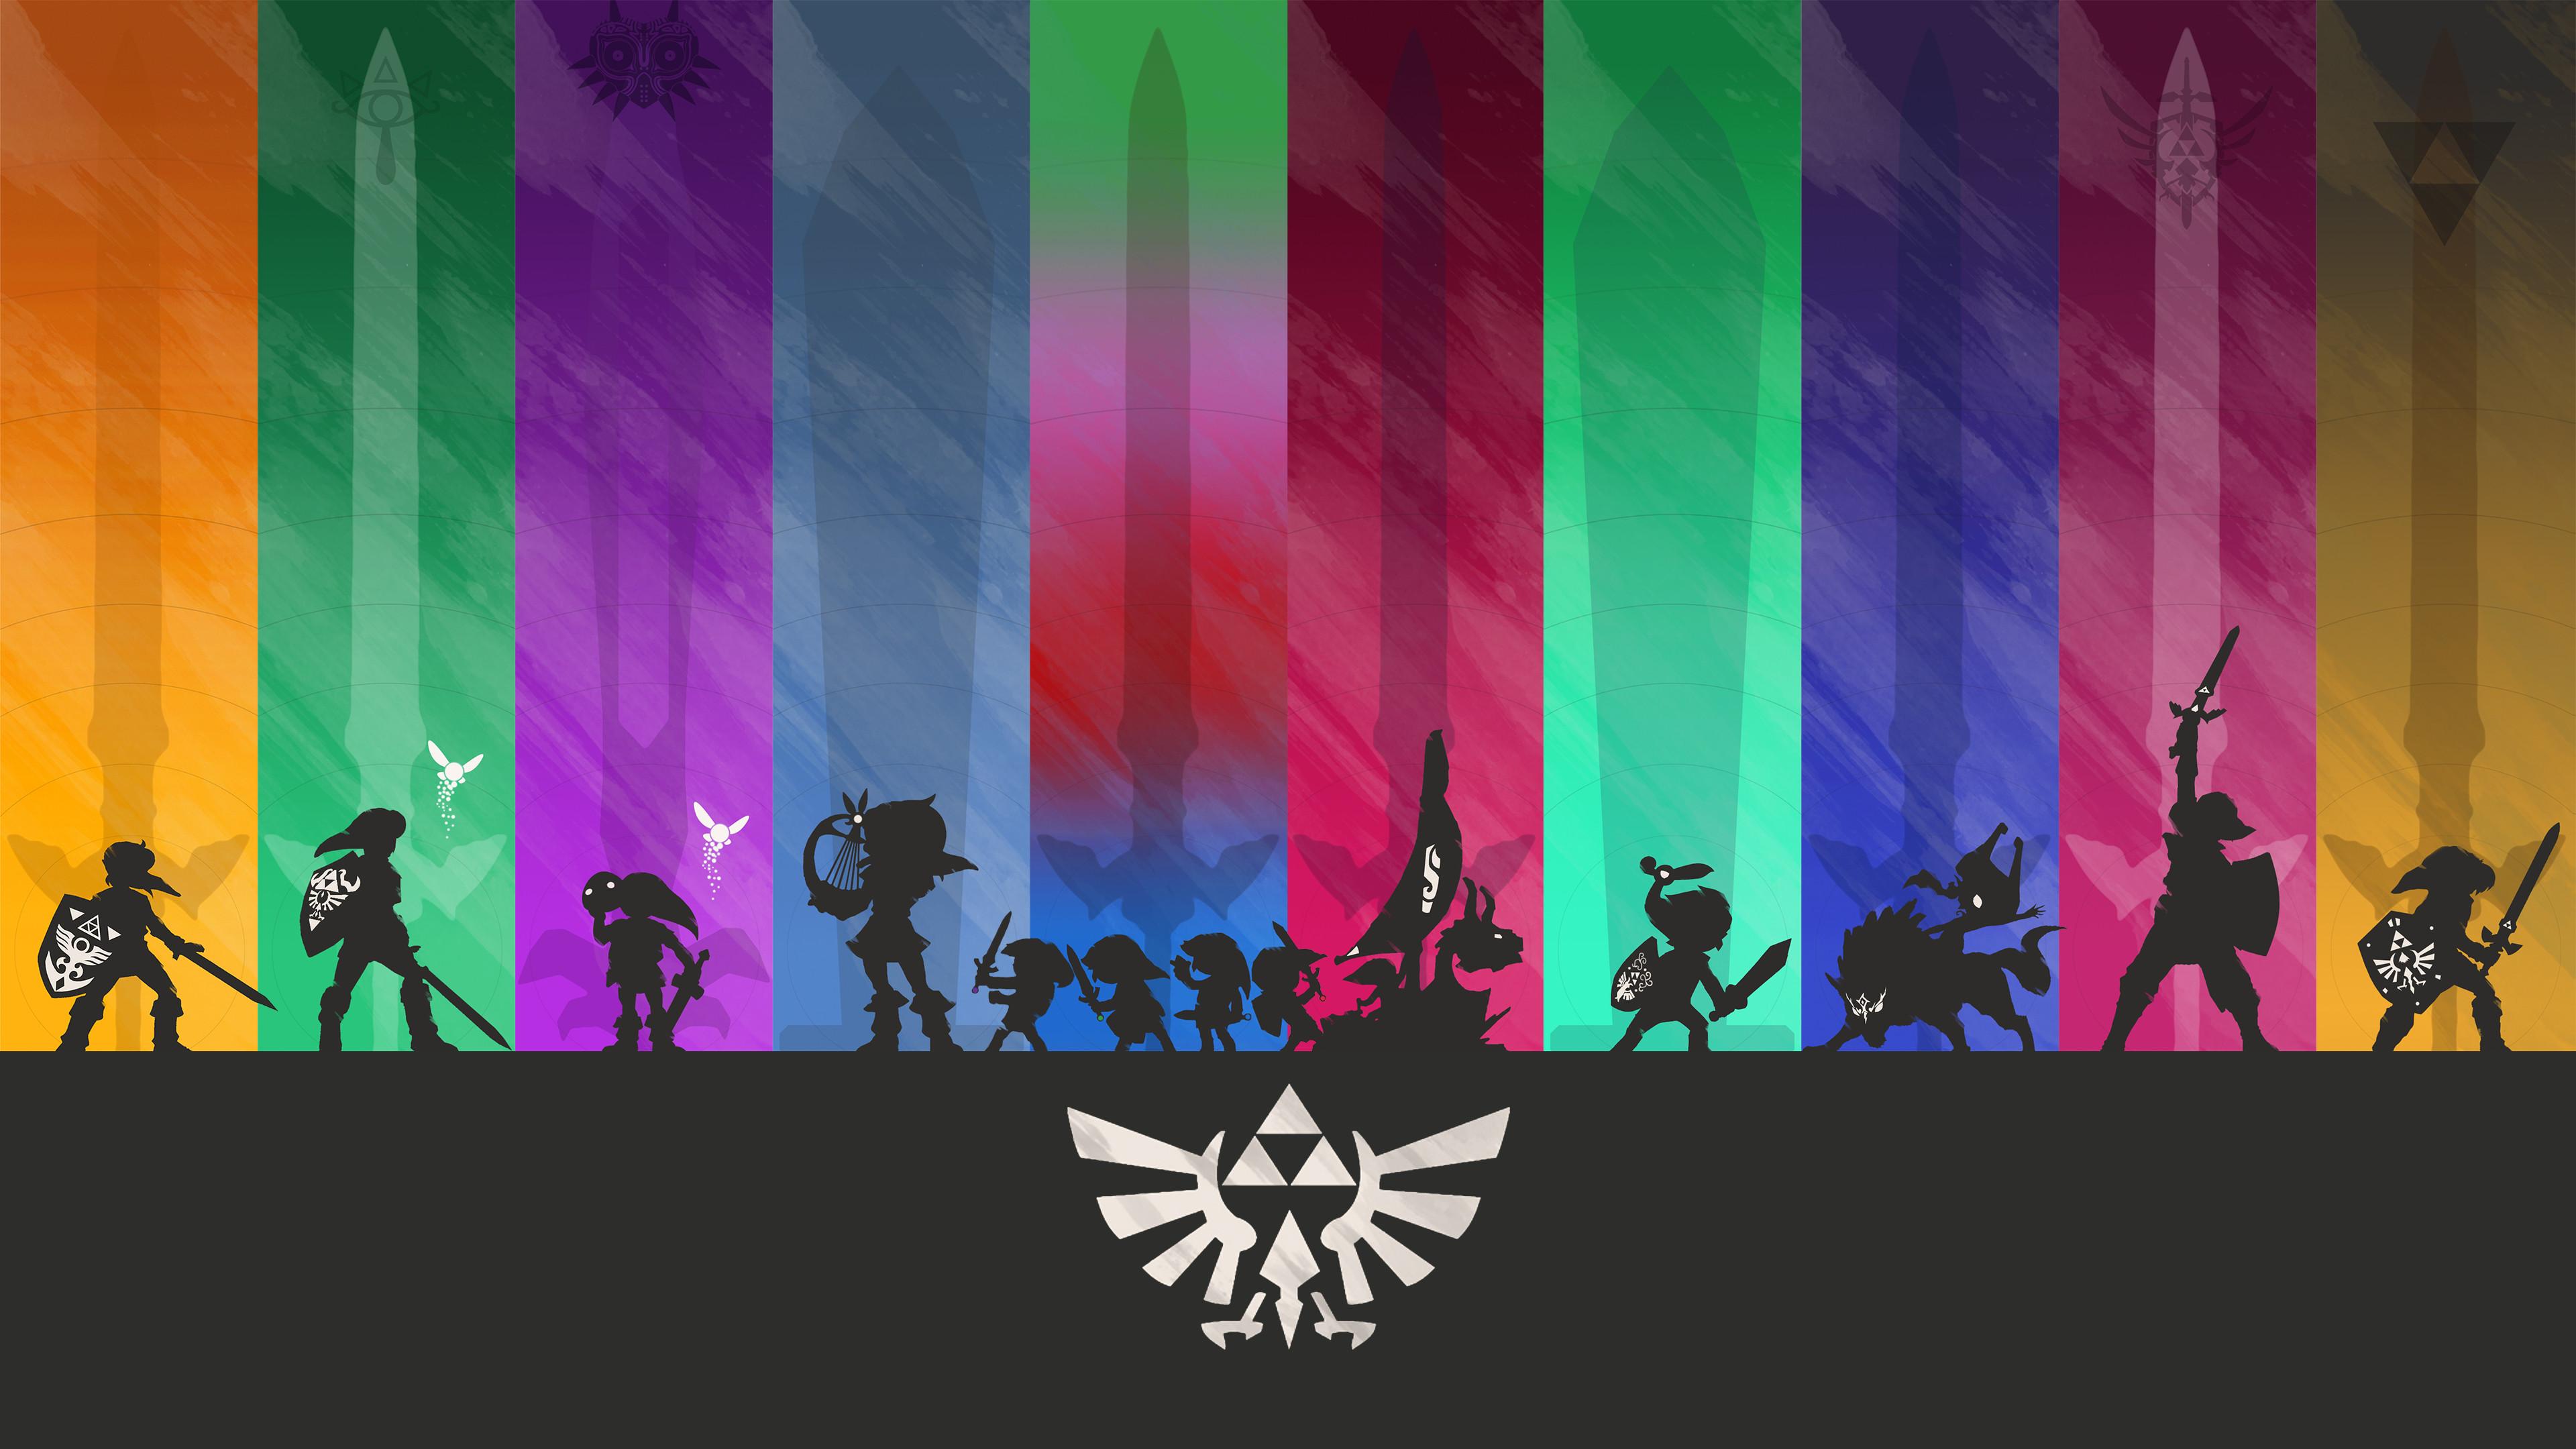 4K Zelda Wallpaper (64+ Images